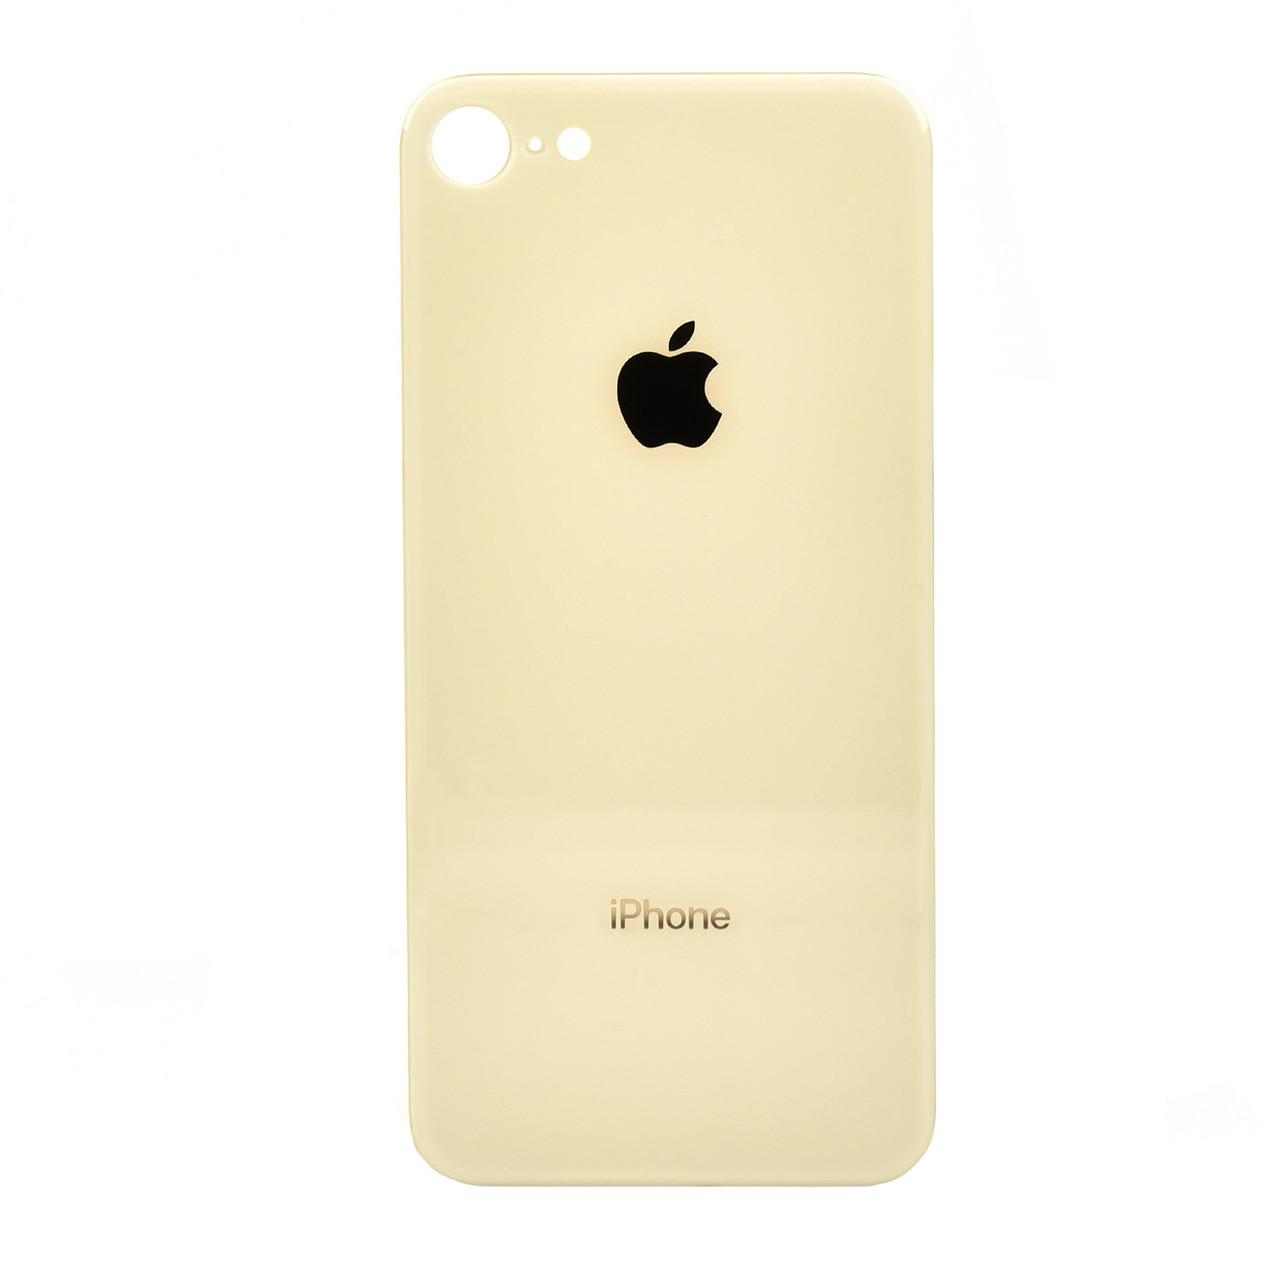 Задняя крышка iPhone 8 Space Gold